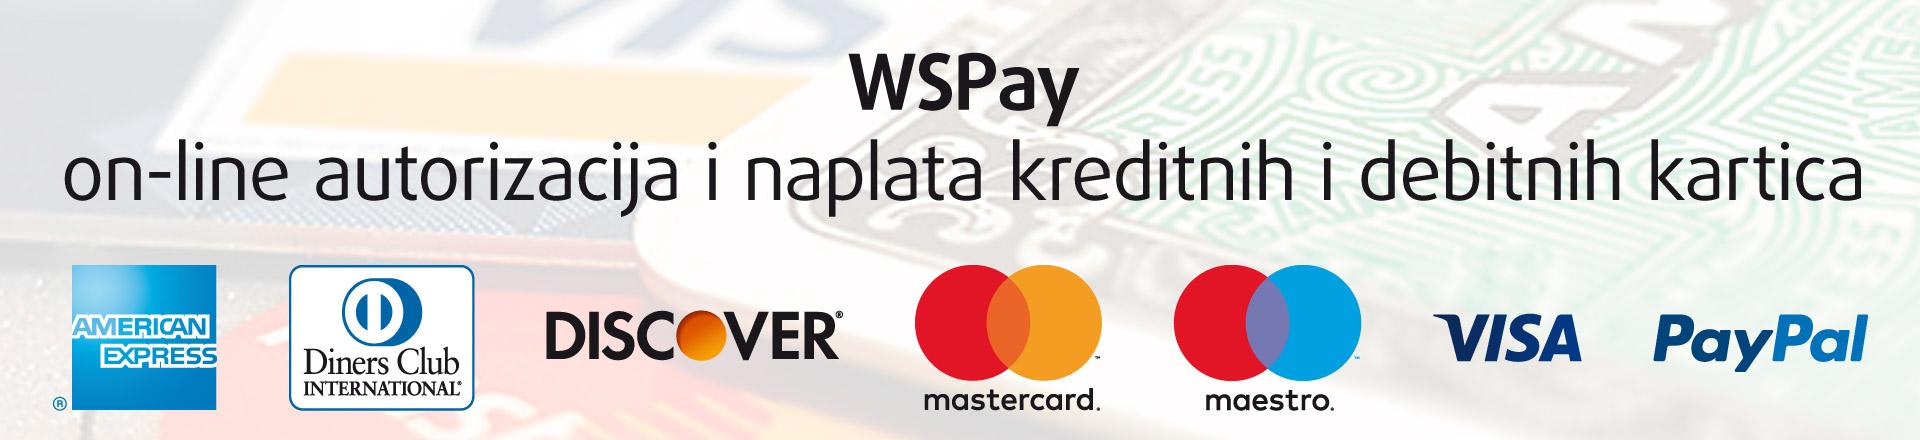 WSPay on-line autorizacija i naplata kreditnih i debitnih kartica